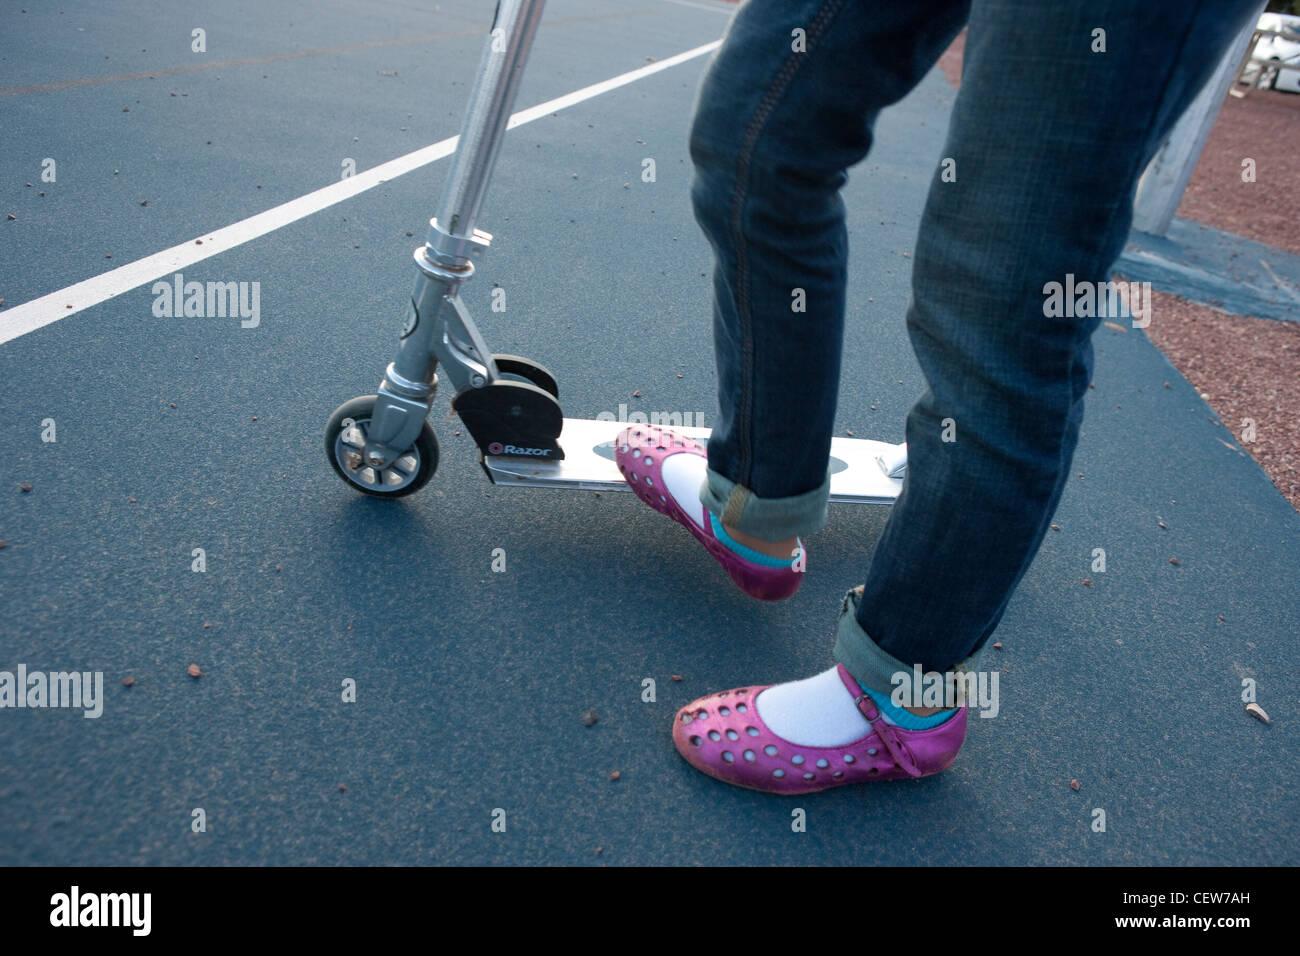 Le port de sandales fille rose de la trottinette Banque D'Images